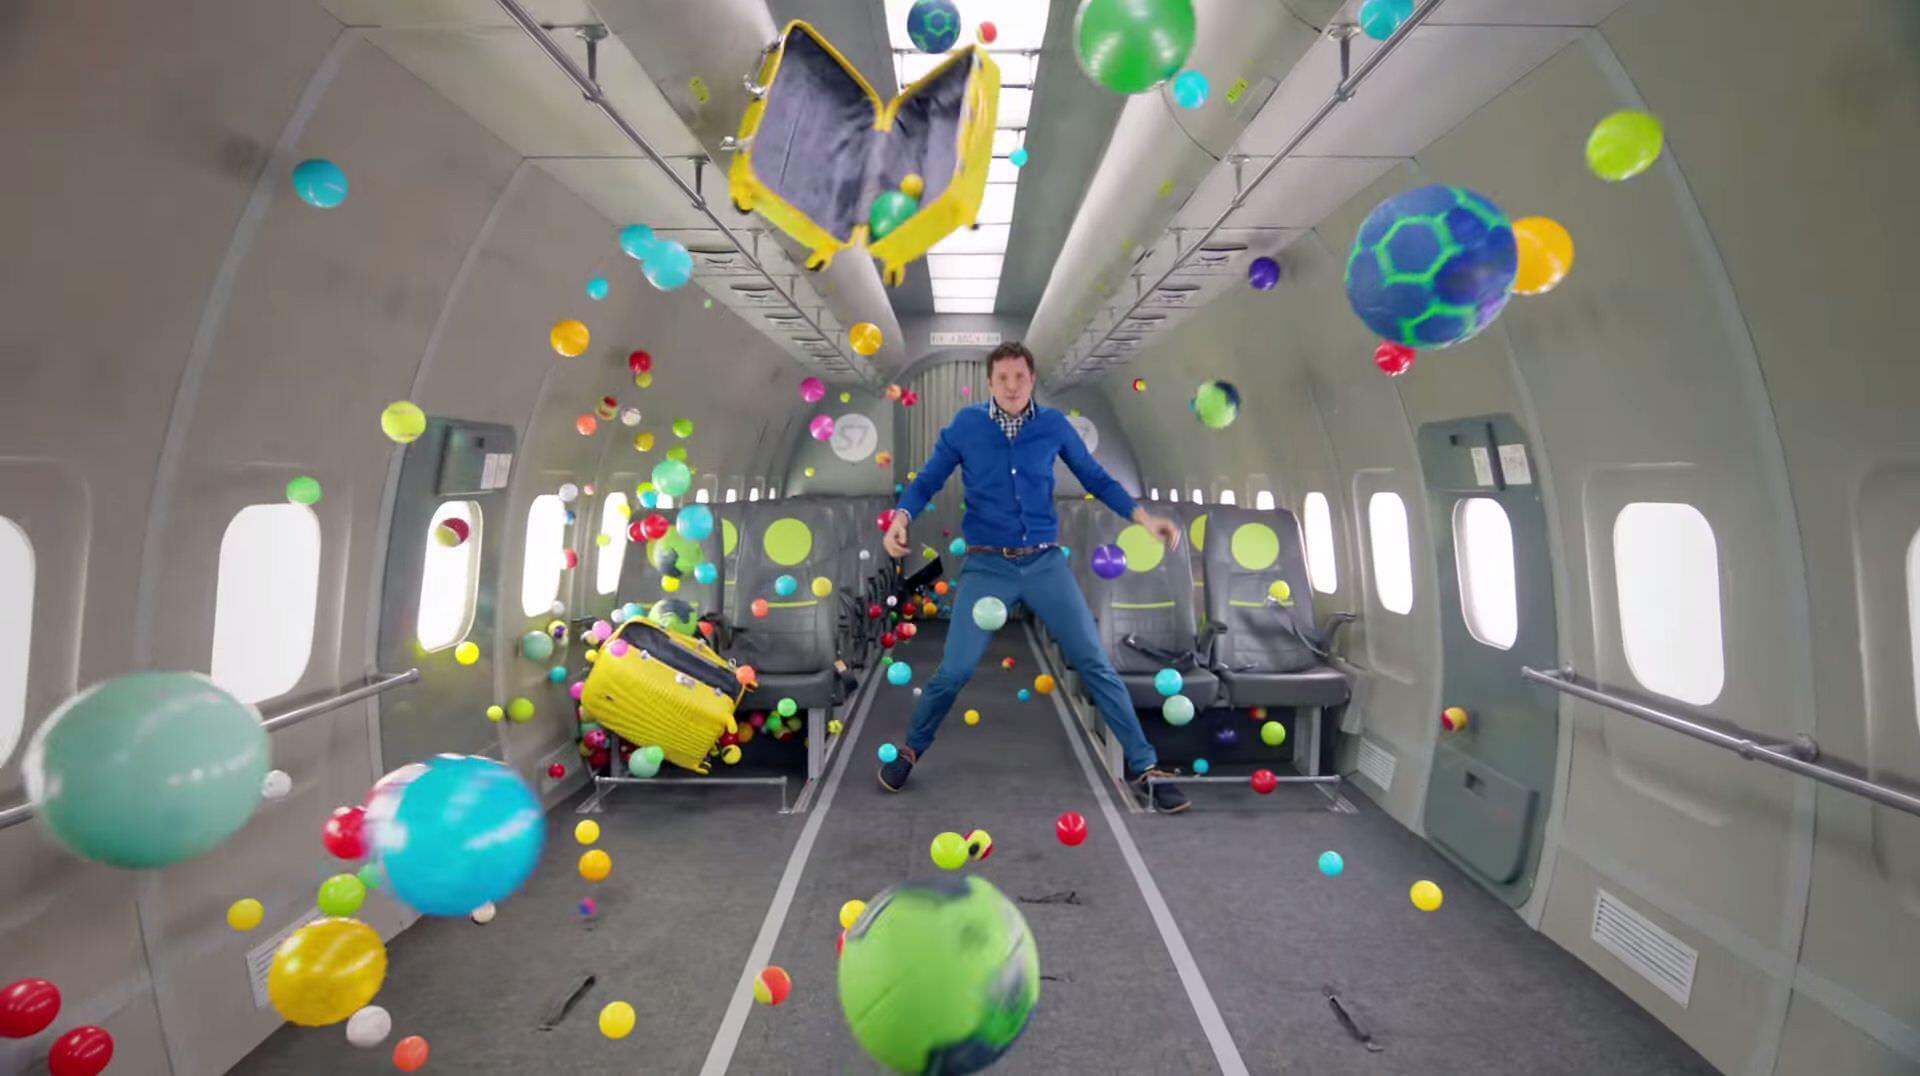 OK Goの無重力を楽しむ「Upside Down & Inside Out」のMVとその舞台裏